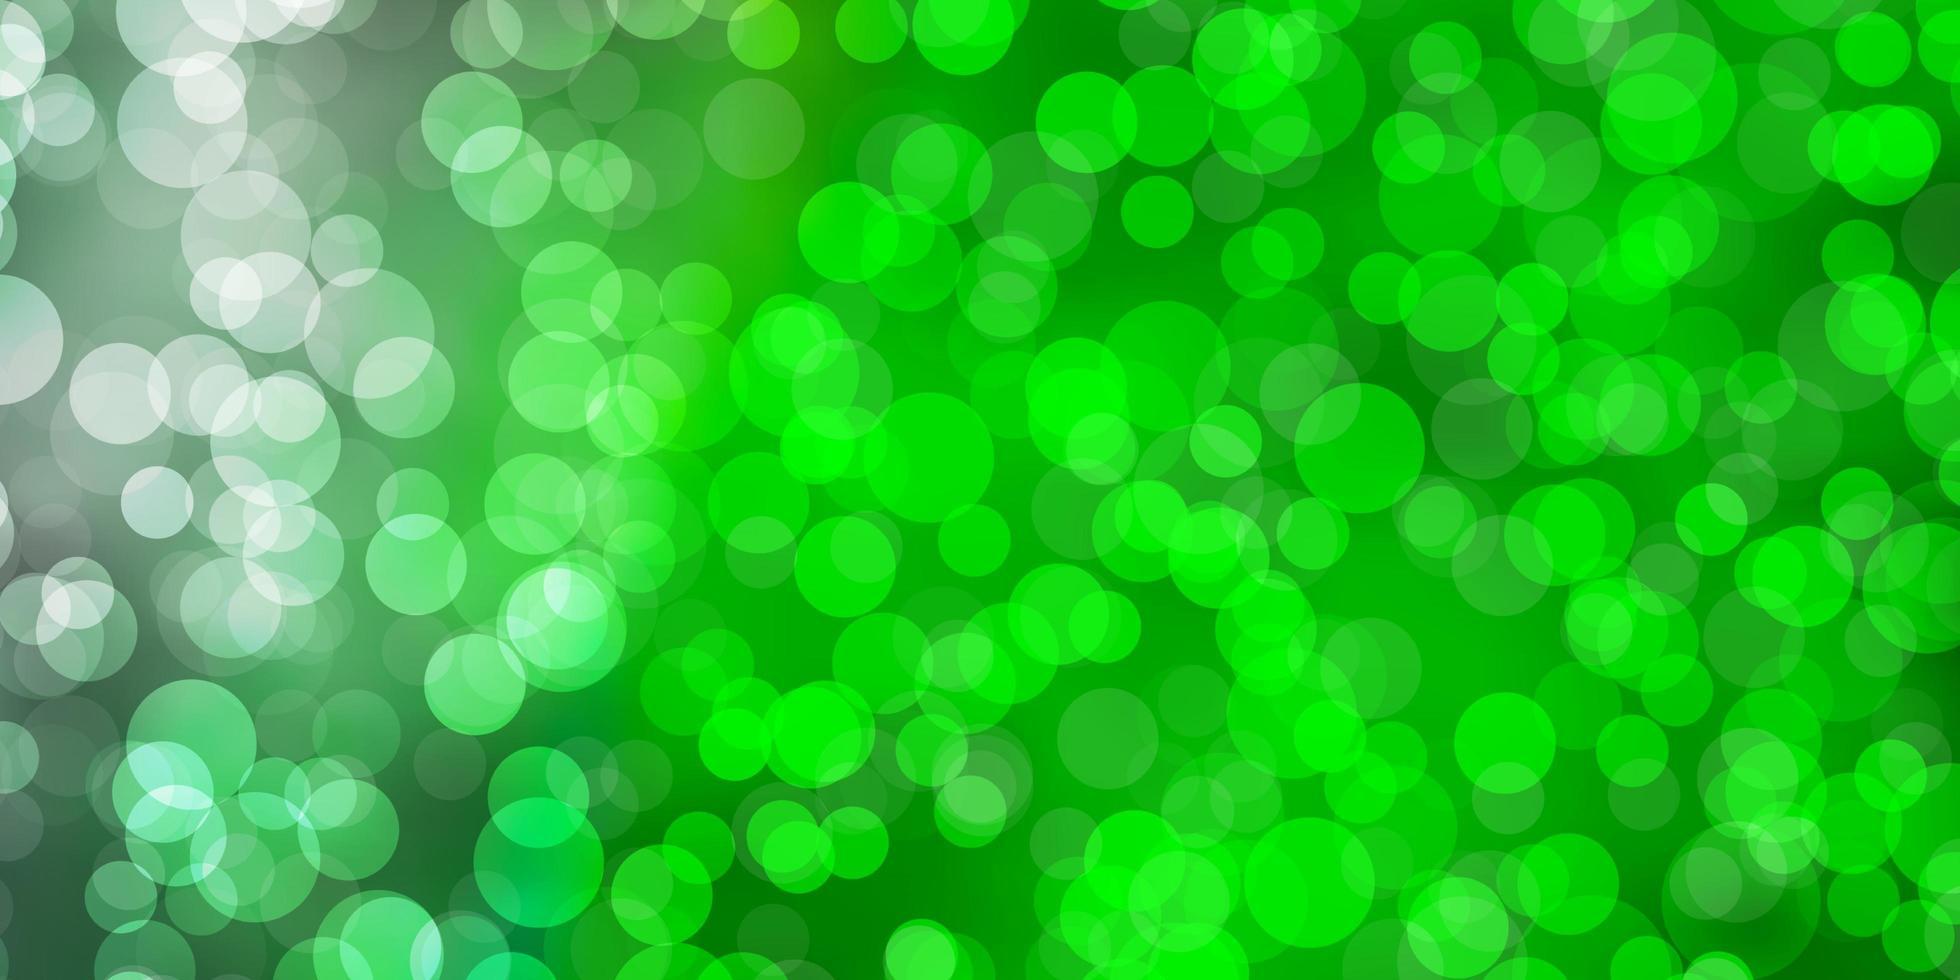 tessitura verde chiaro con dischi. vettore